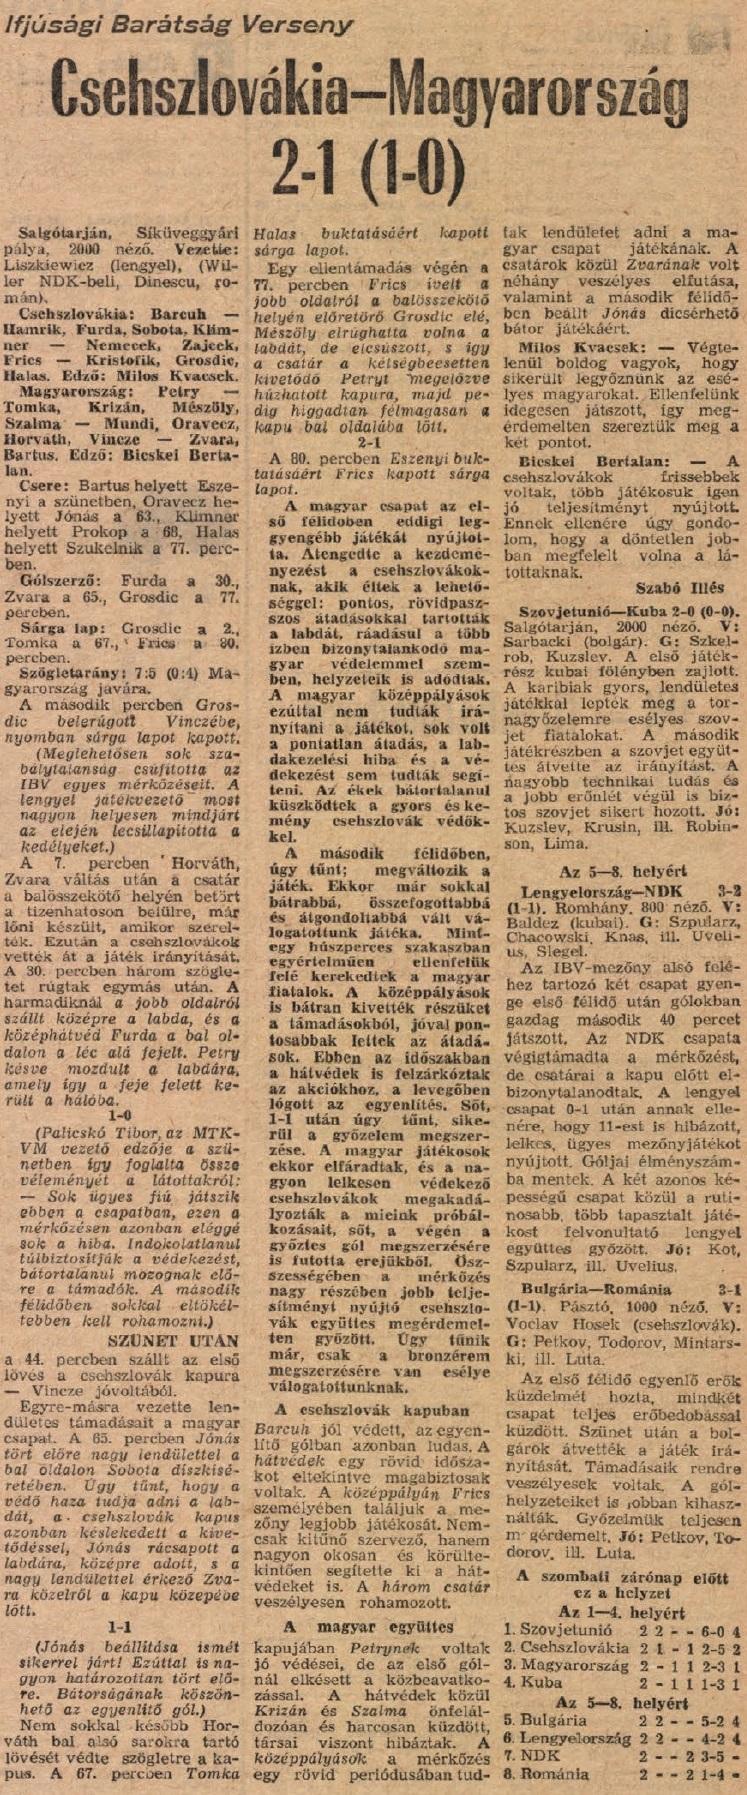 idokapszula_nb_i_1983_84_tavaszi_zaras_merlegen_az_alsohaz_ibv_magyarorszag_csehszlovakia.jpg